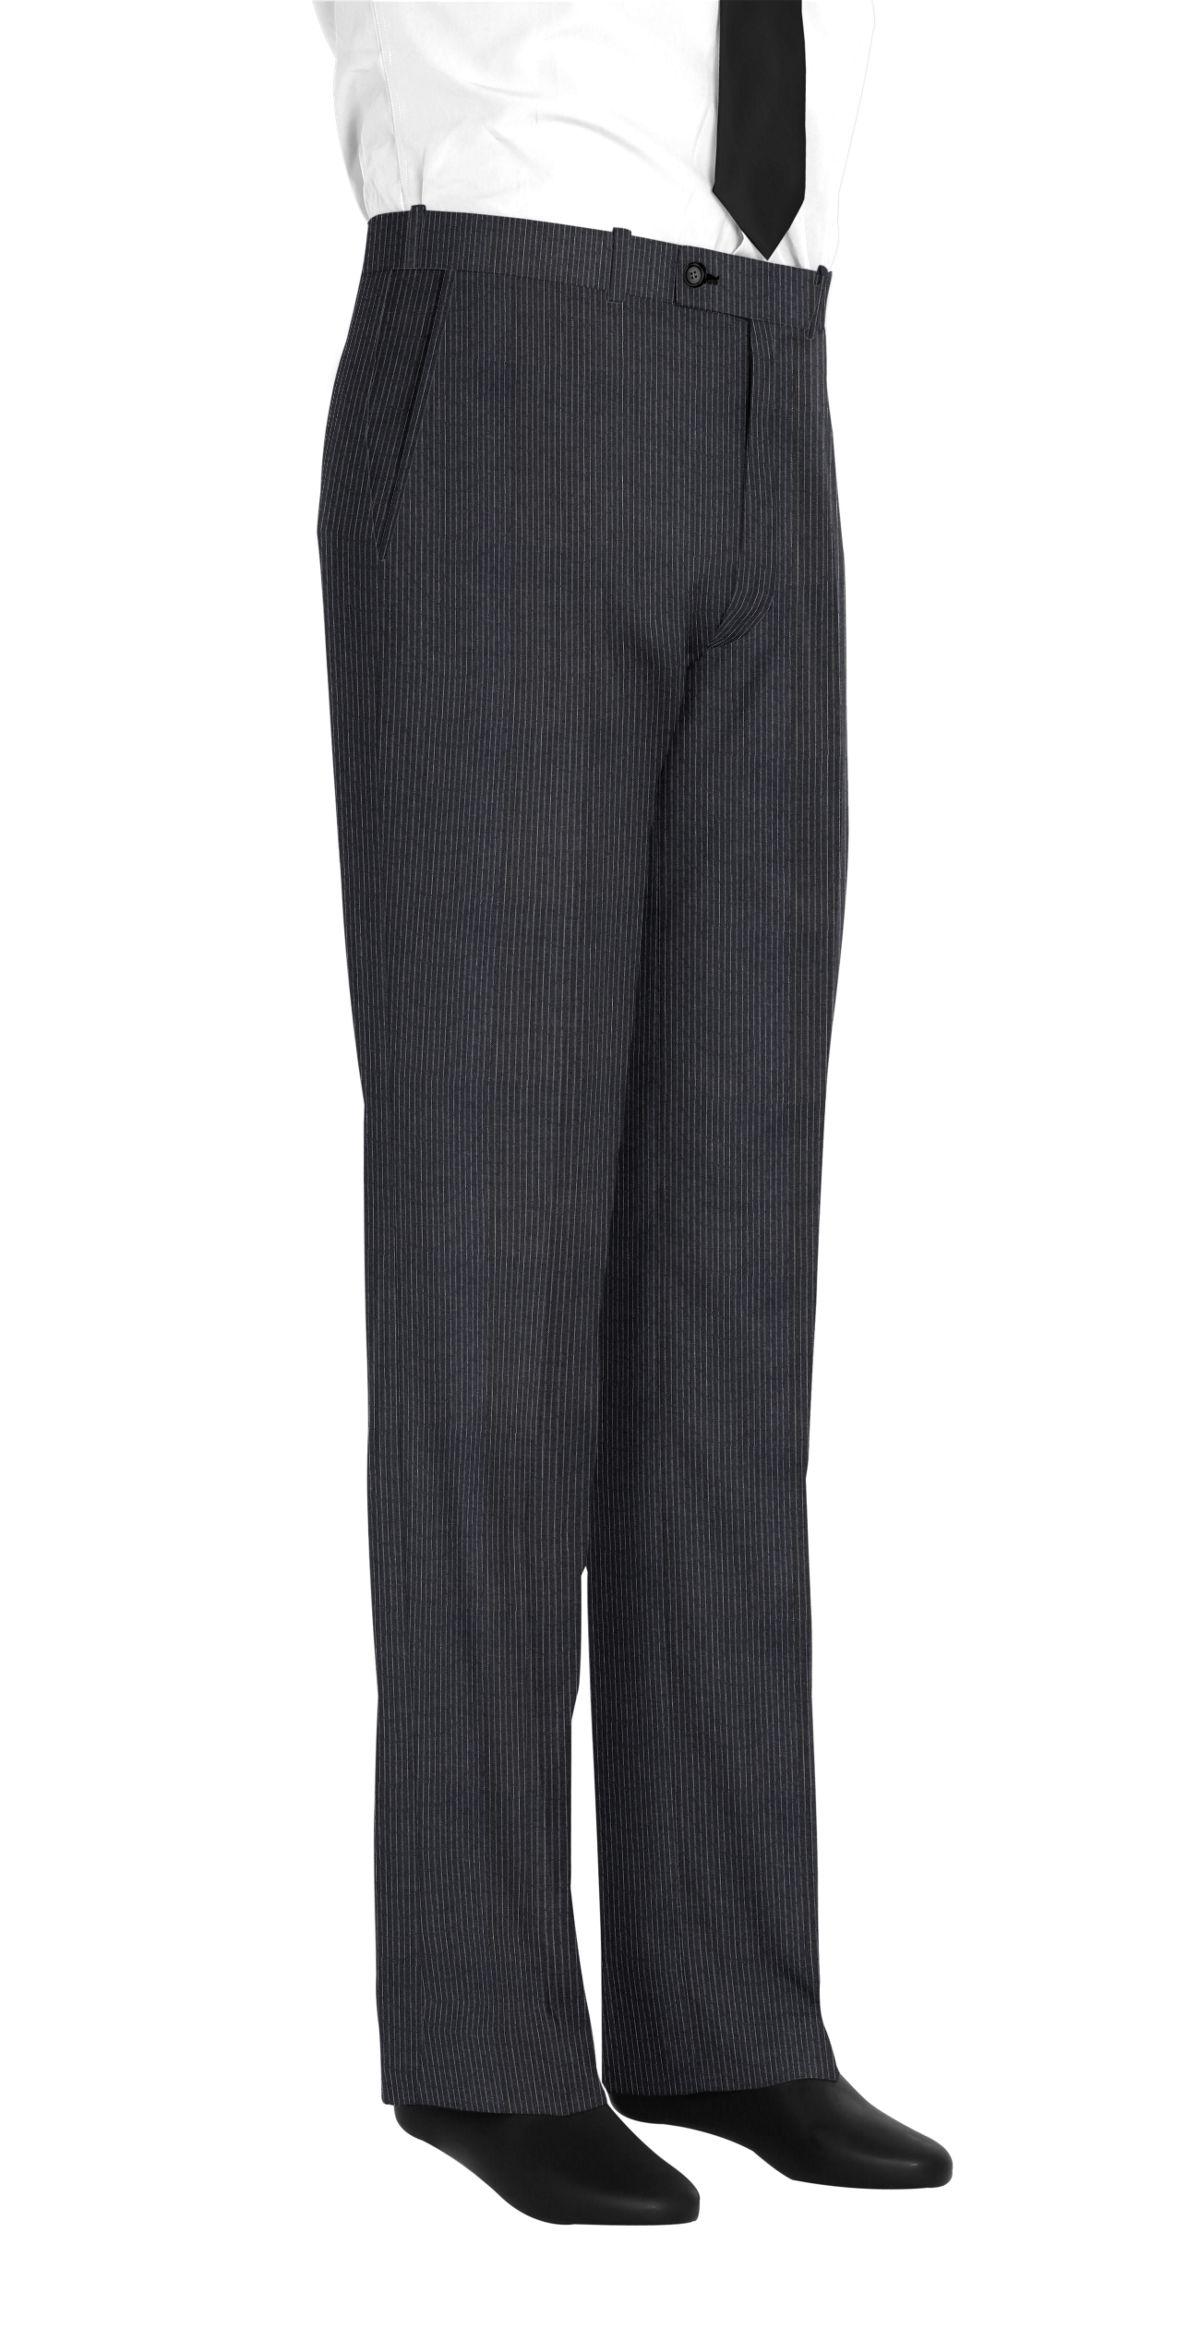 Pantalon homme sur mesure et personnalisé gris, gris foncé rayé  bas simple sans revers